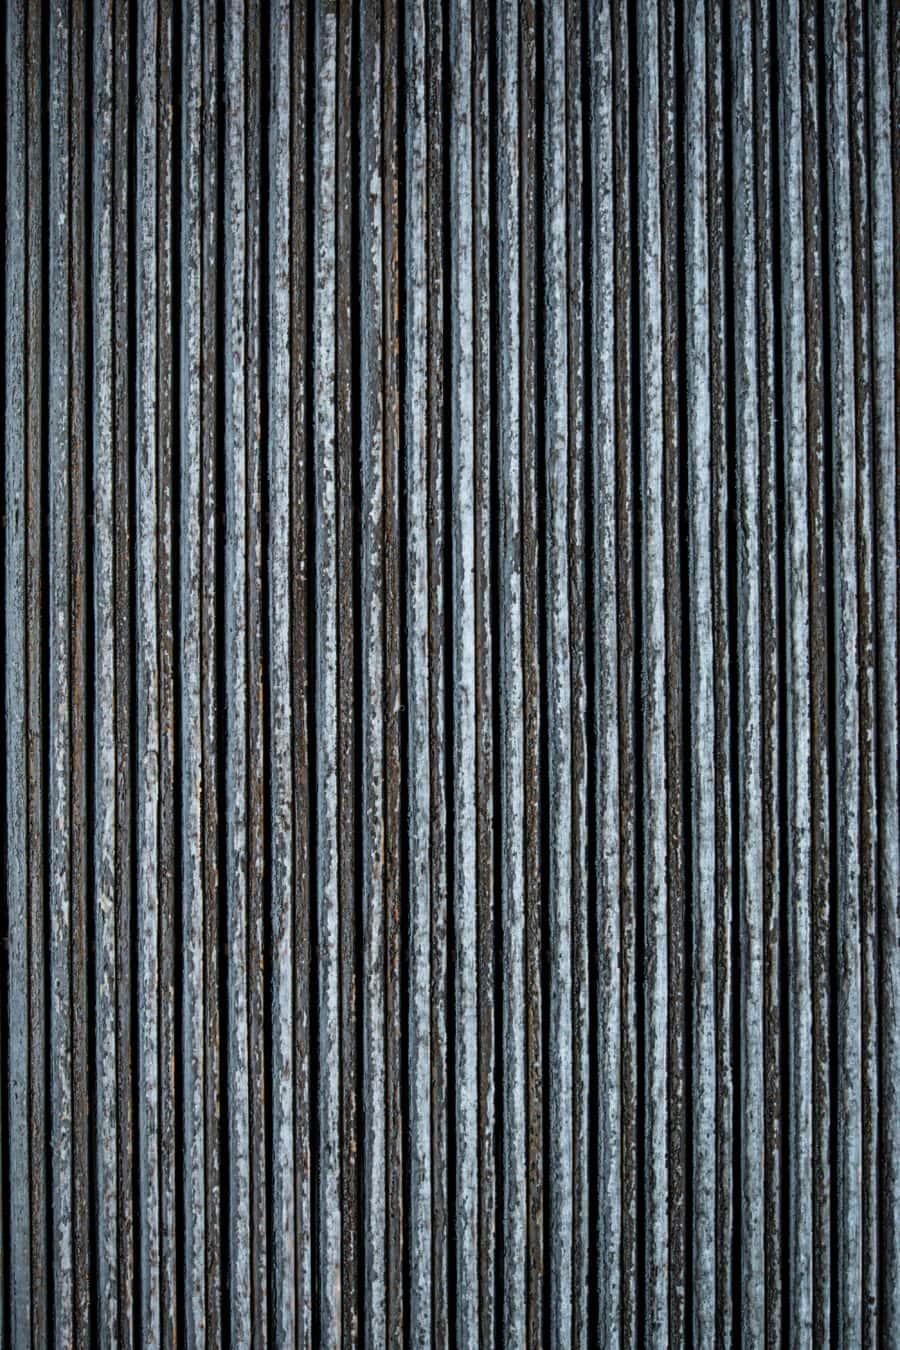 en bois, texture, vertical, Stripes, lignes, carie, bois, planches, Stripe, matériel